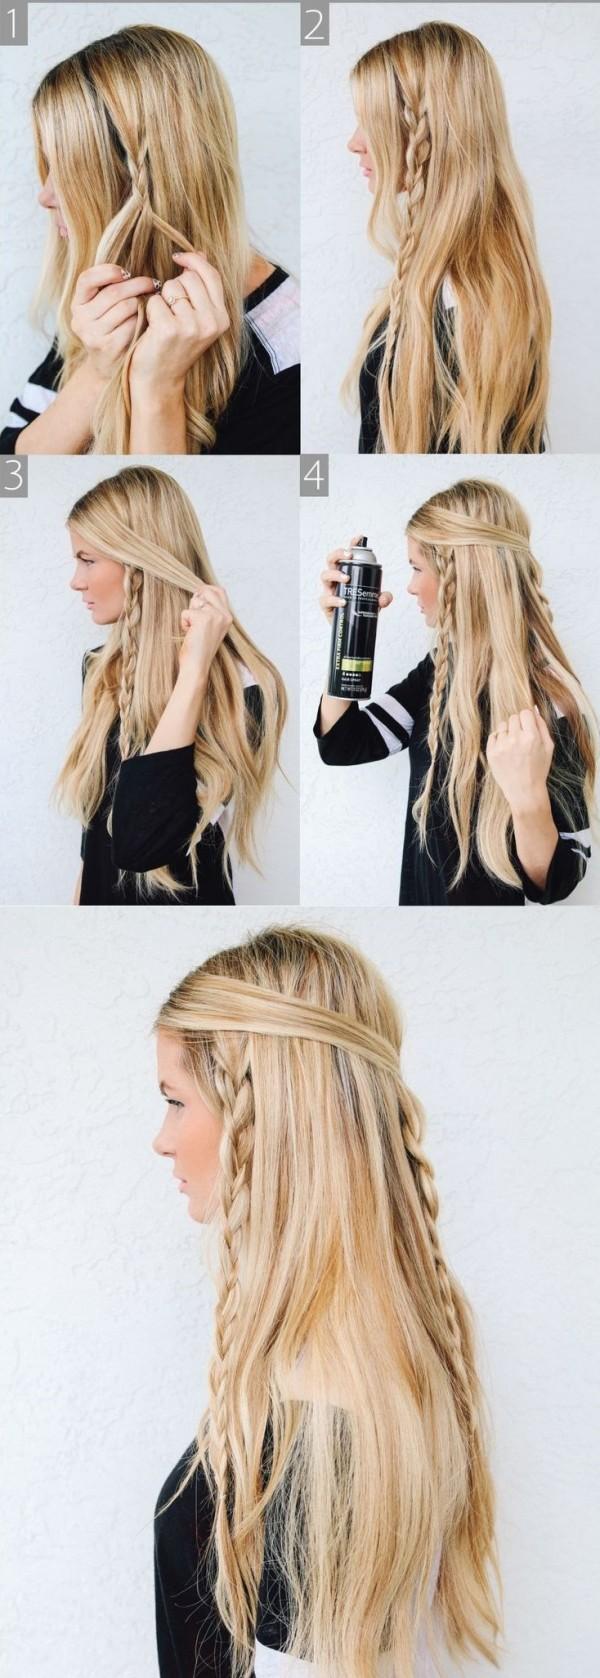 boho hairstyle6